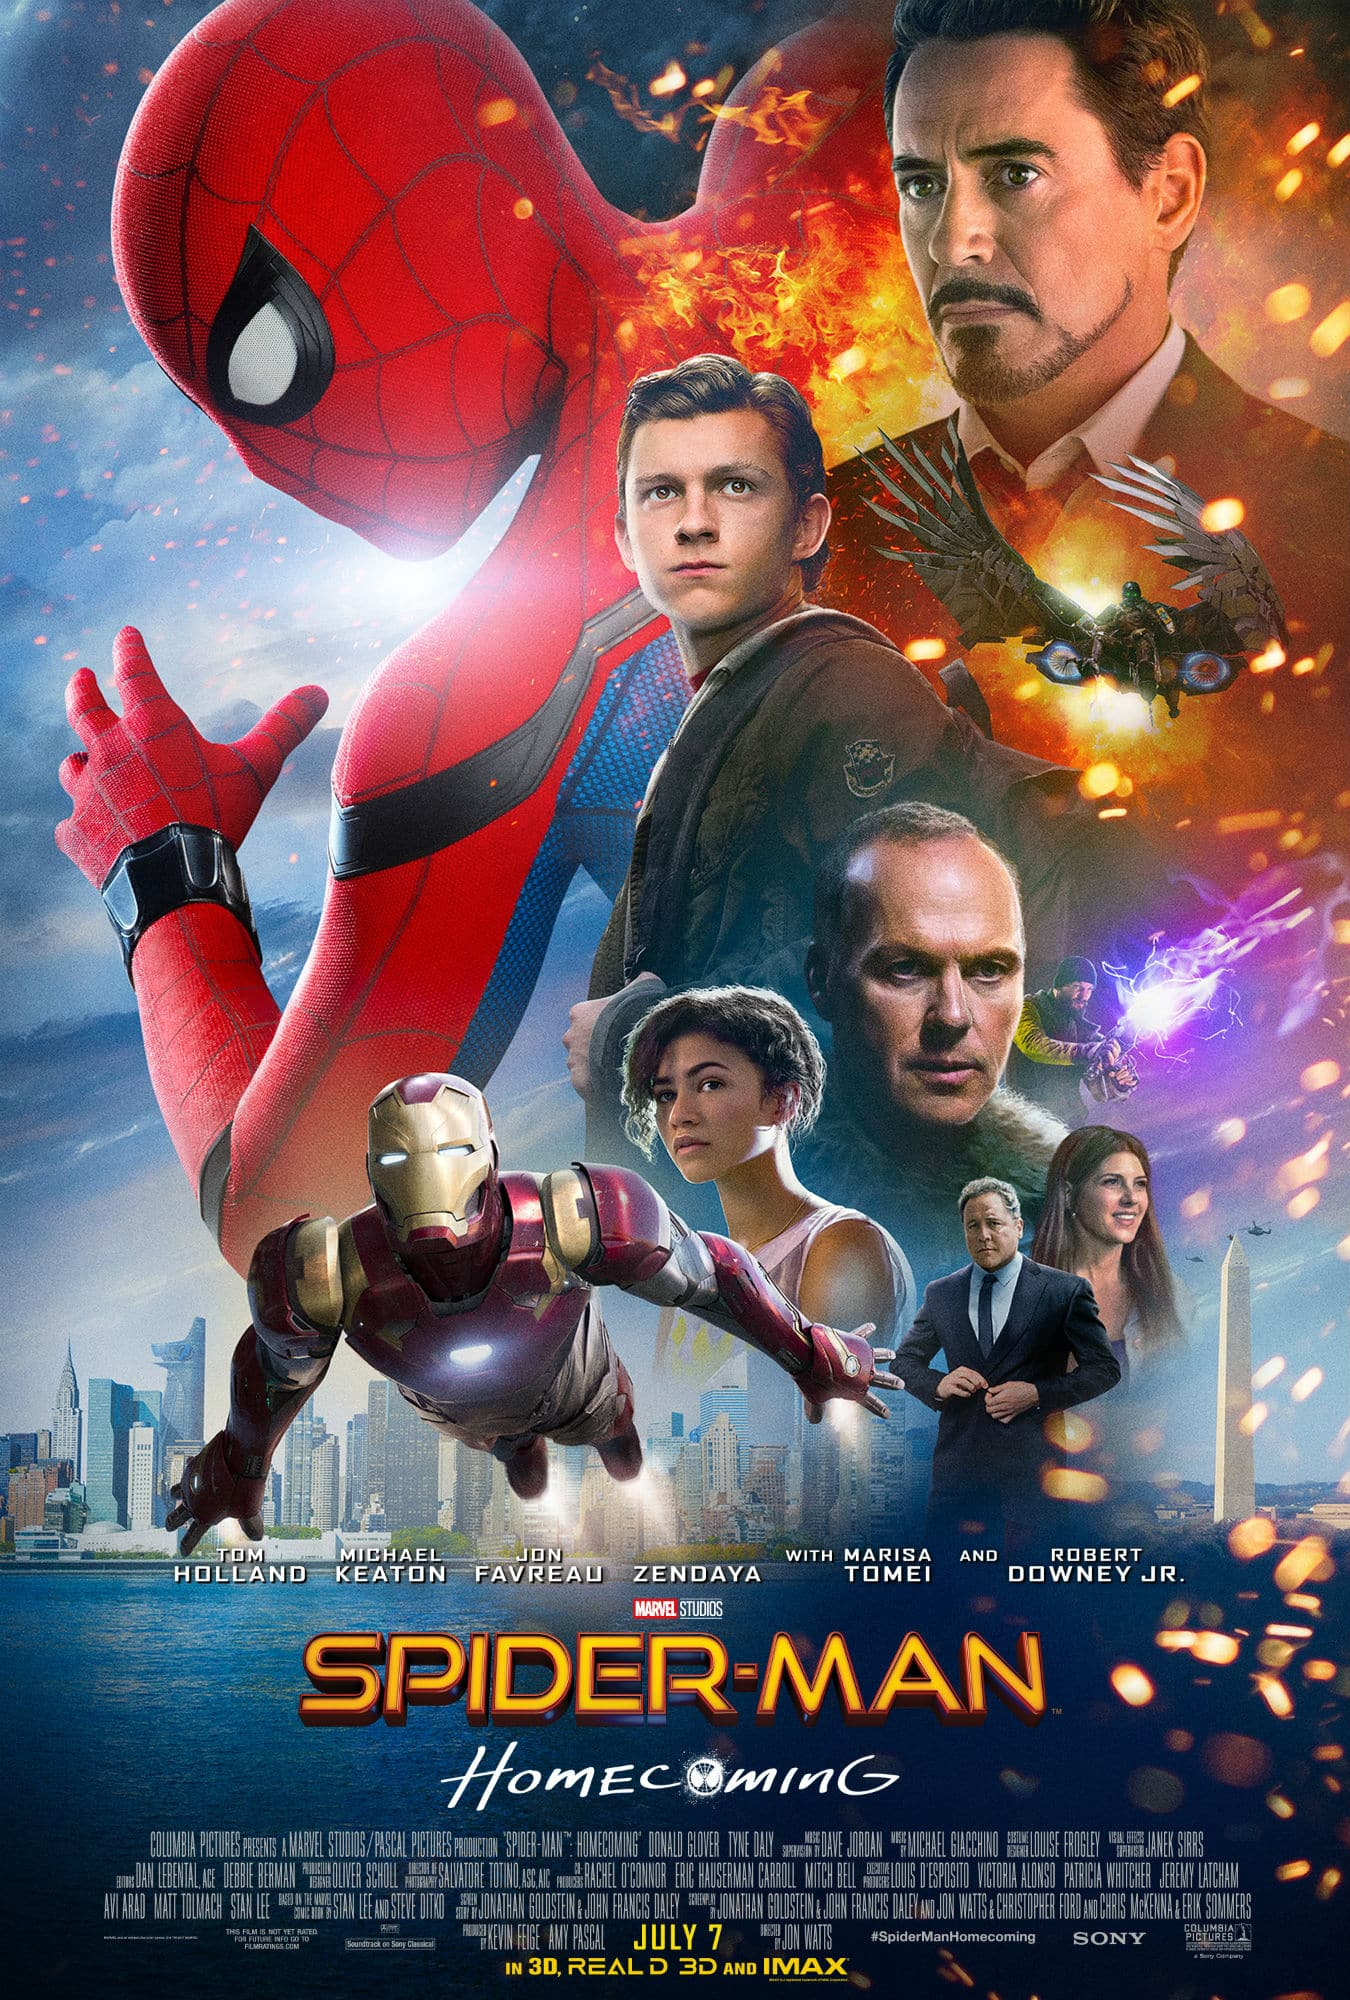 Oficiálny plagát pre Spider-Man: Homecoming